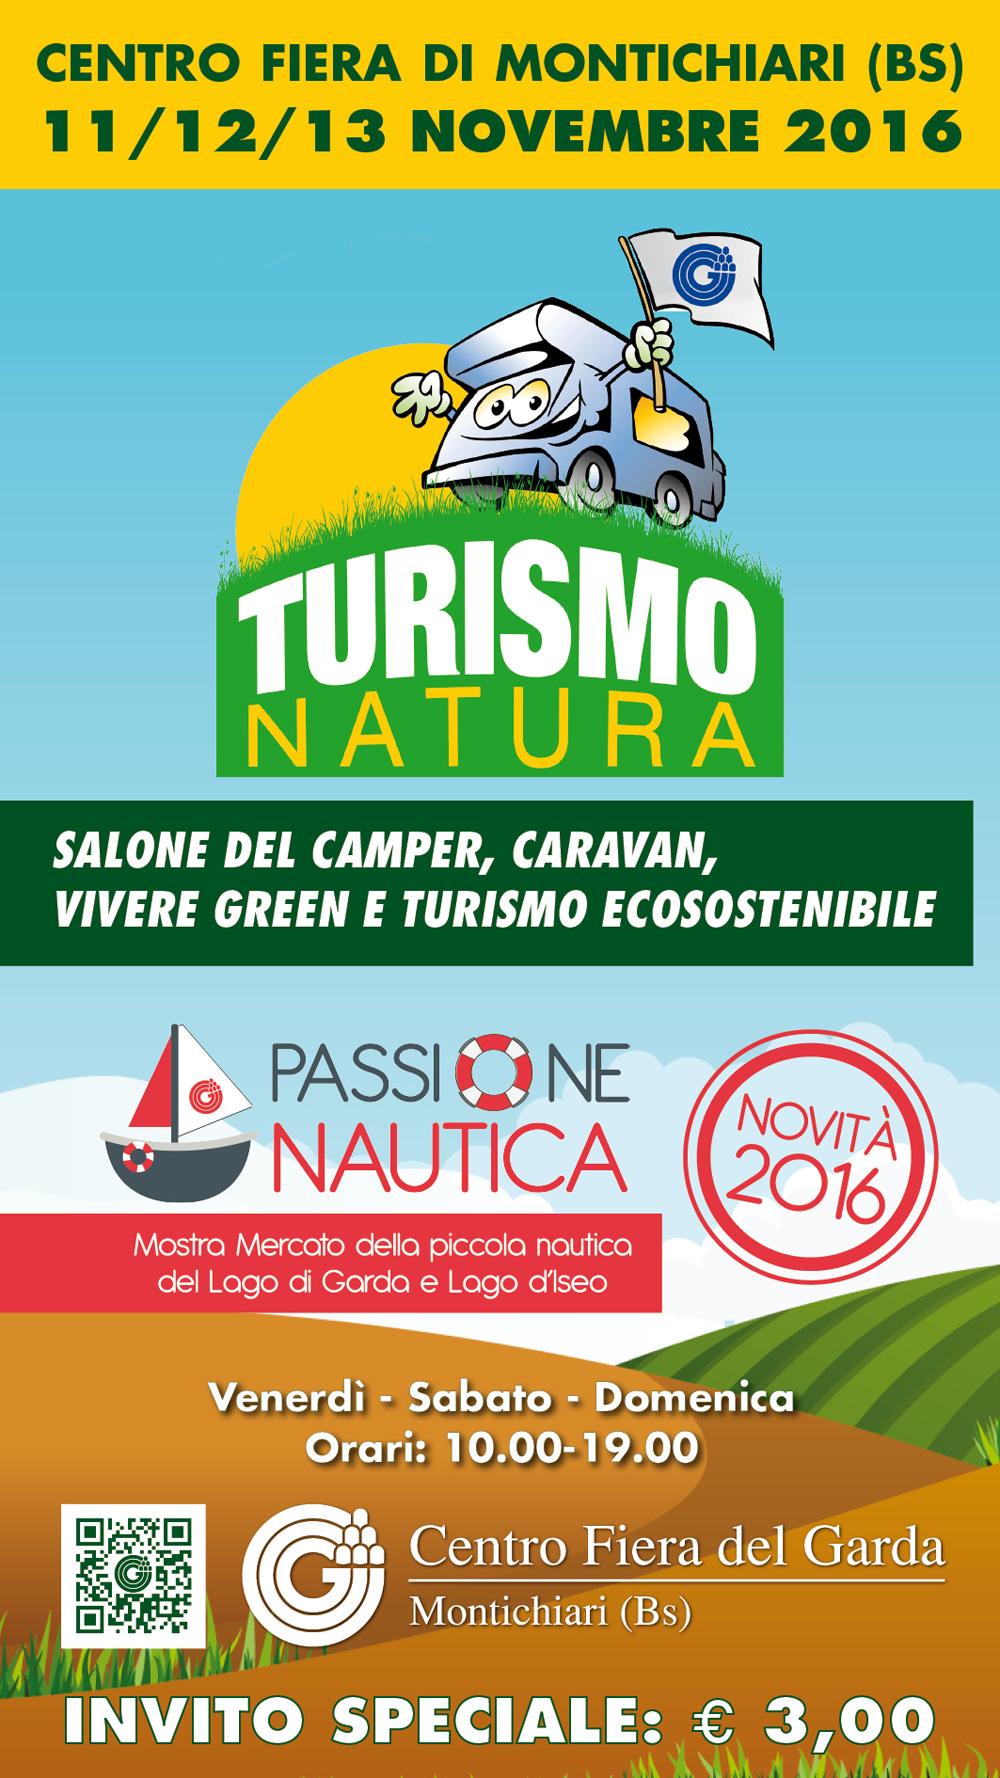 turismonatura2016_invitospeciale-2